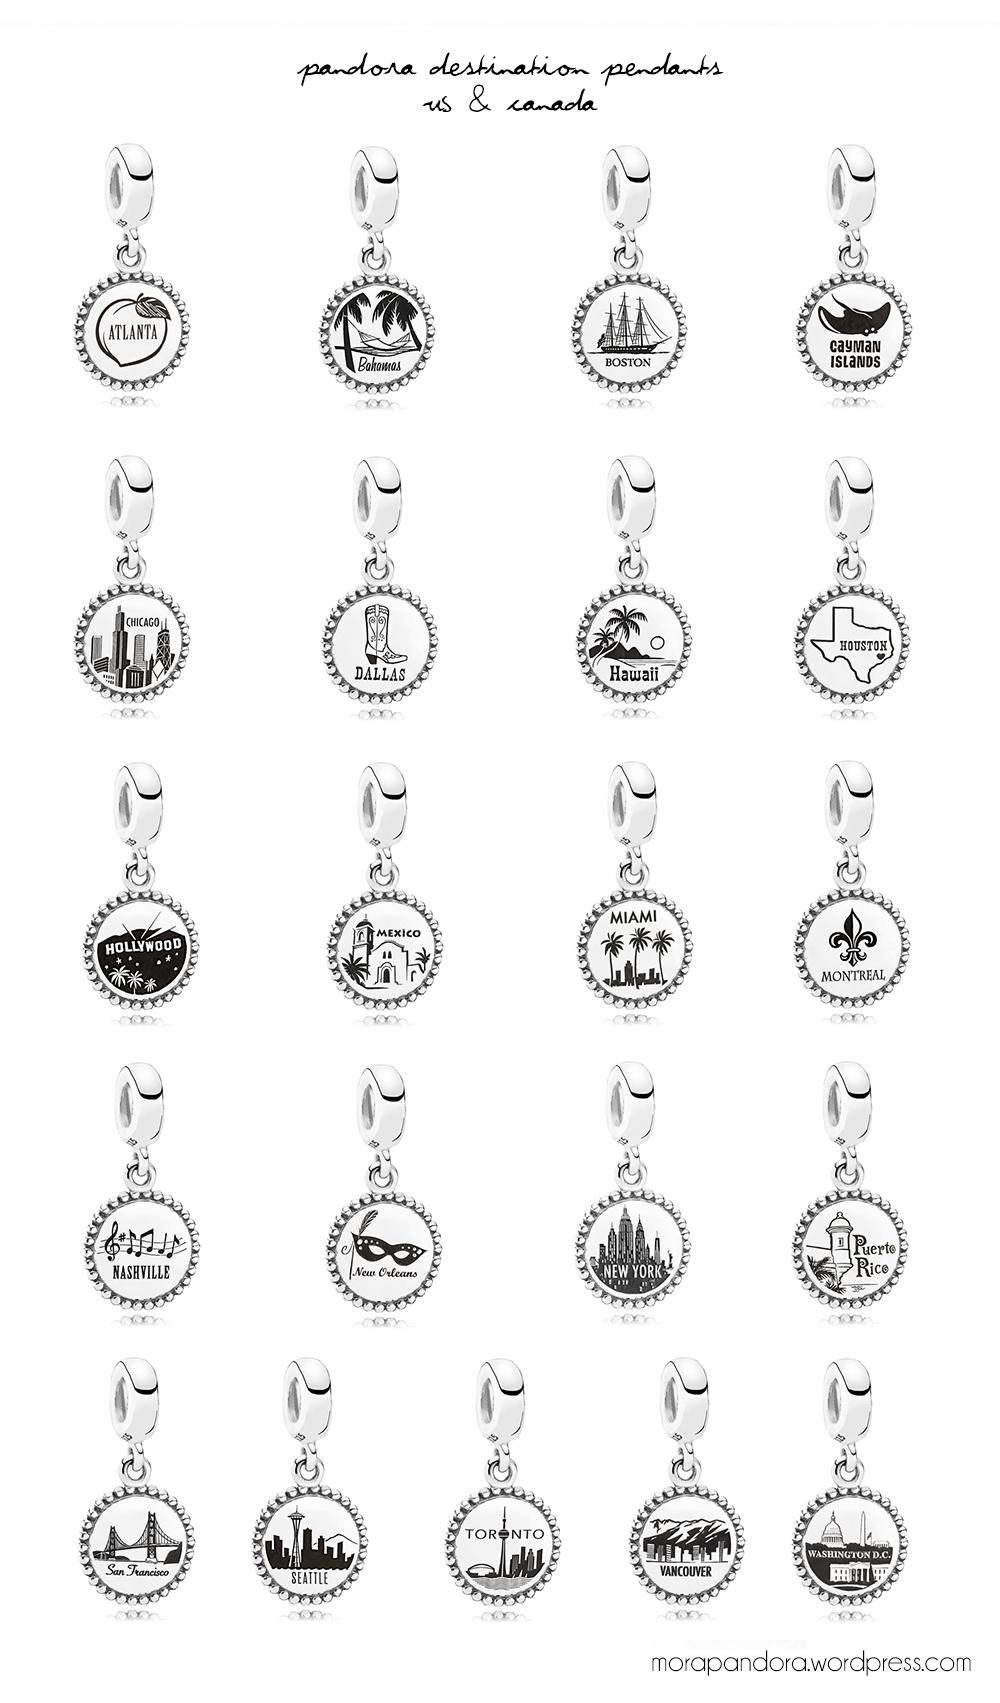 Pandora Destination Collection 2014  Pandora charms in